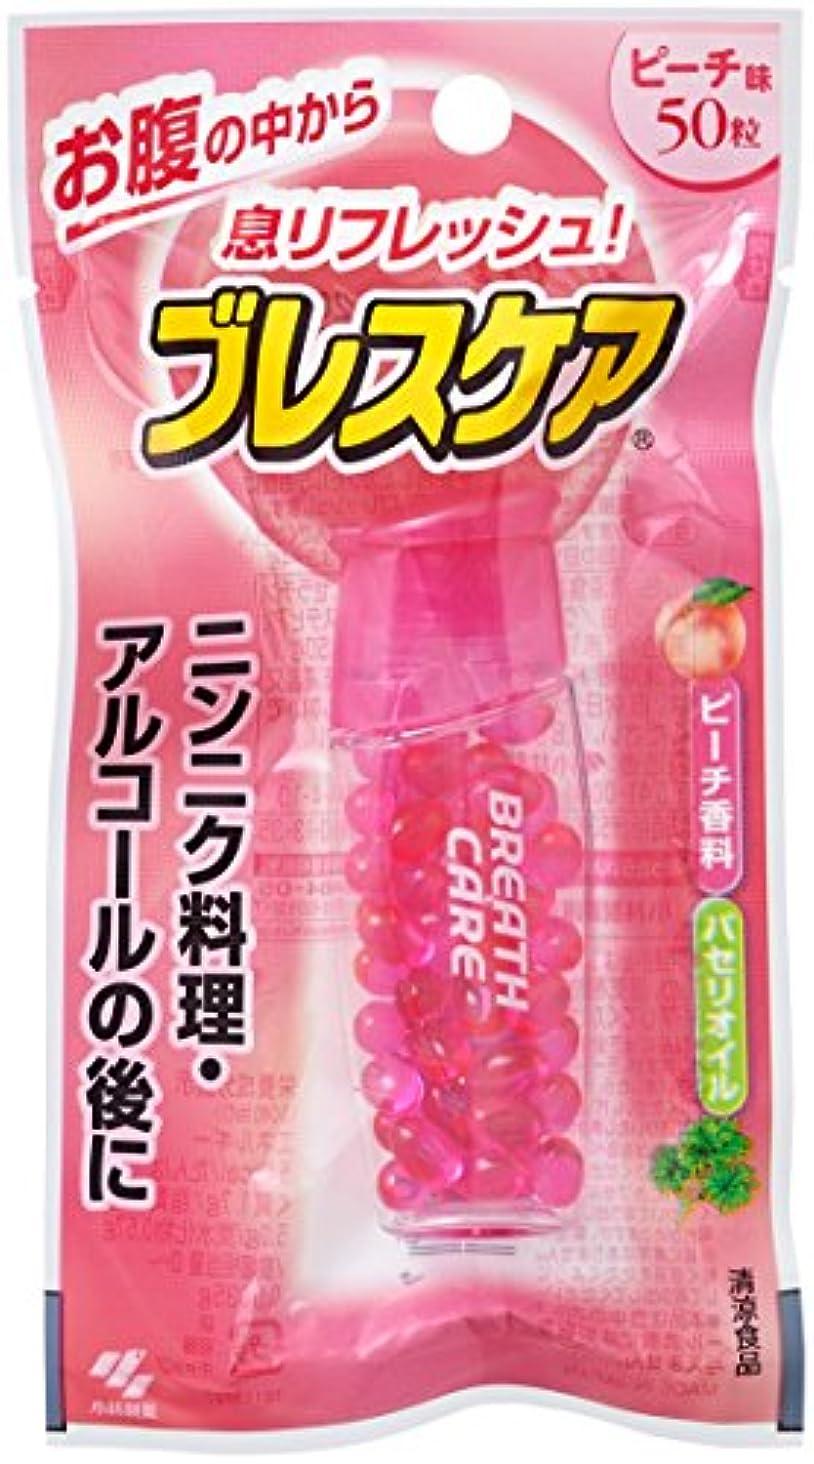 インスタンス白い思いやりのあるブレスケア 水で飲む息清涼カプセル 本体 ピーチ 50粒